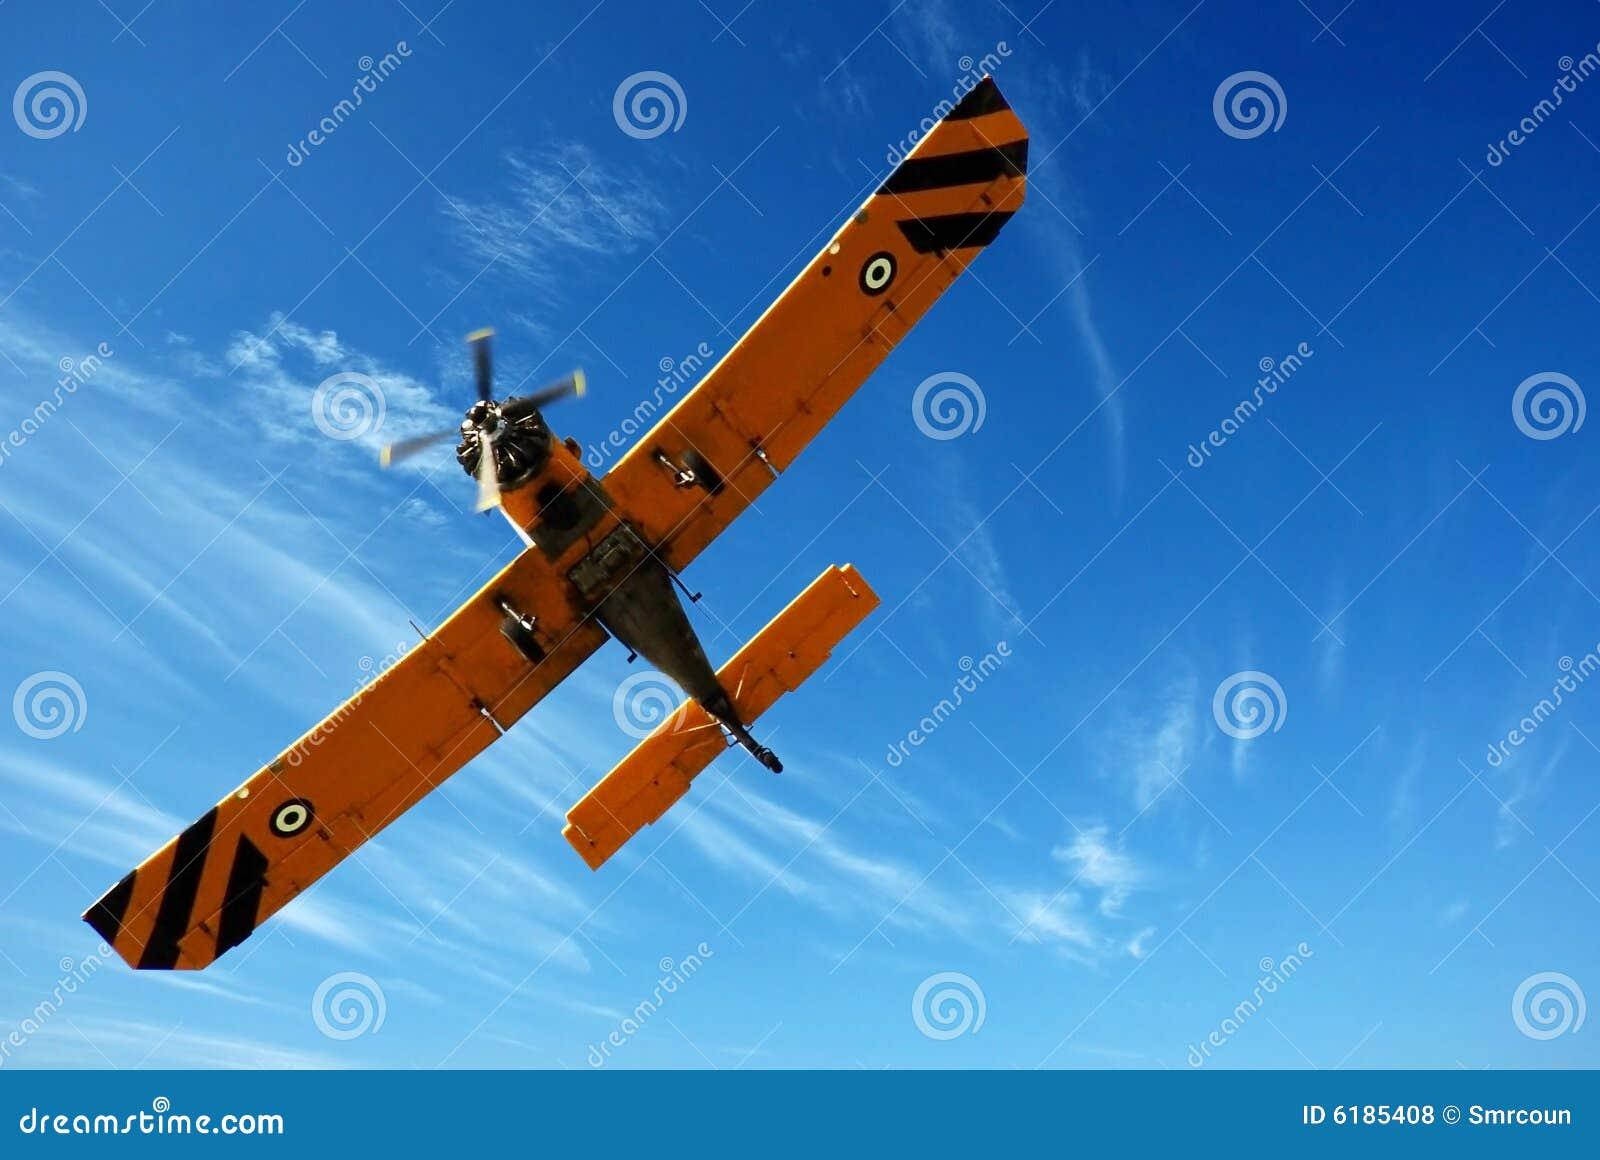 Kleines Flugzeug im blauen Himmel